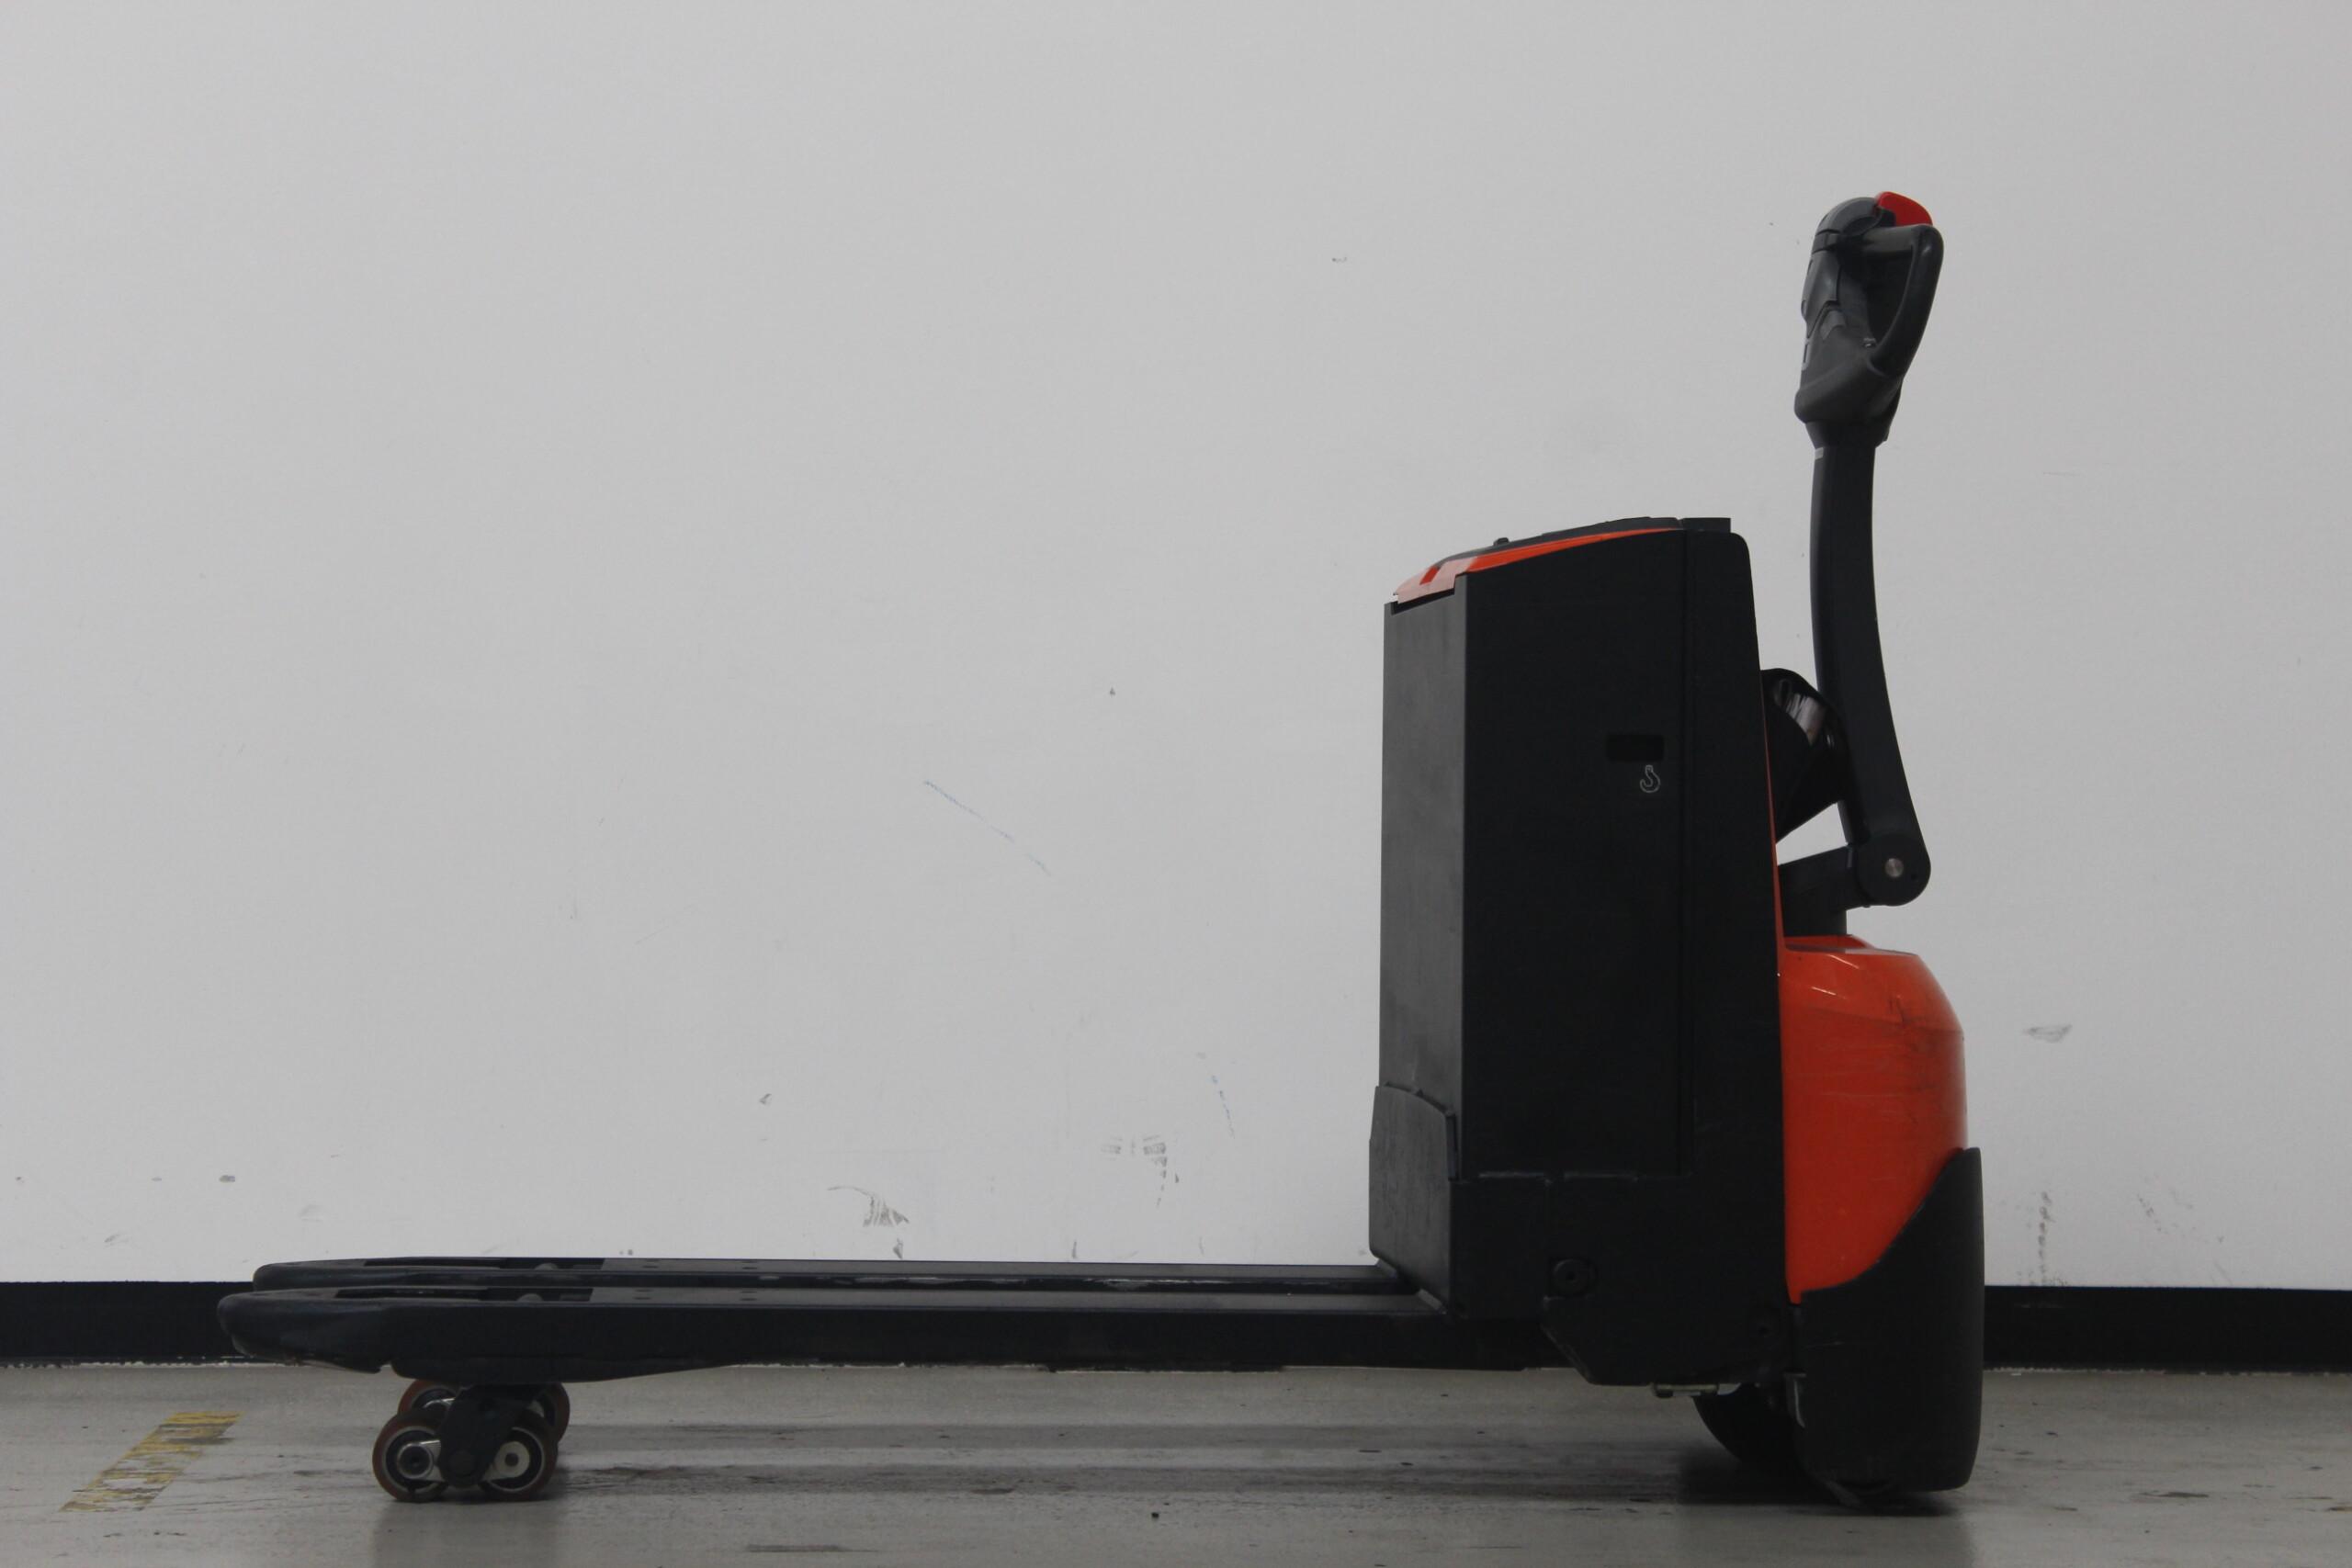 Toyota-Gabelstapler-59840 1810020980 1 73 scaled